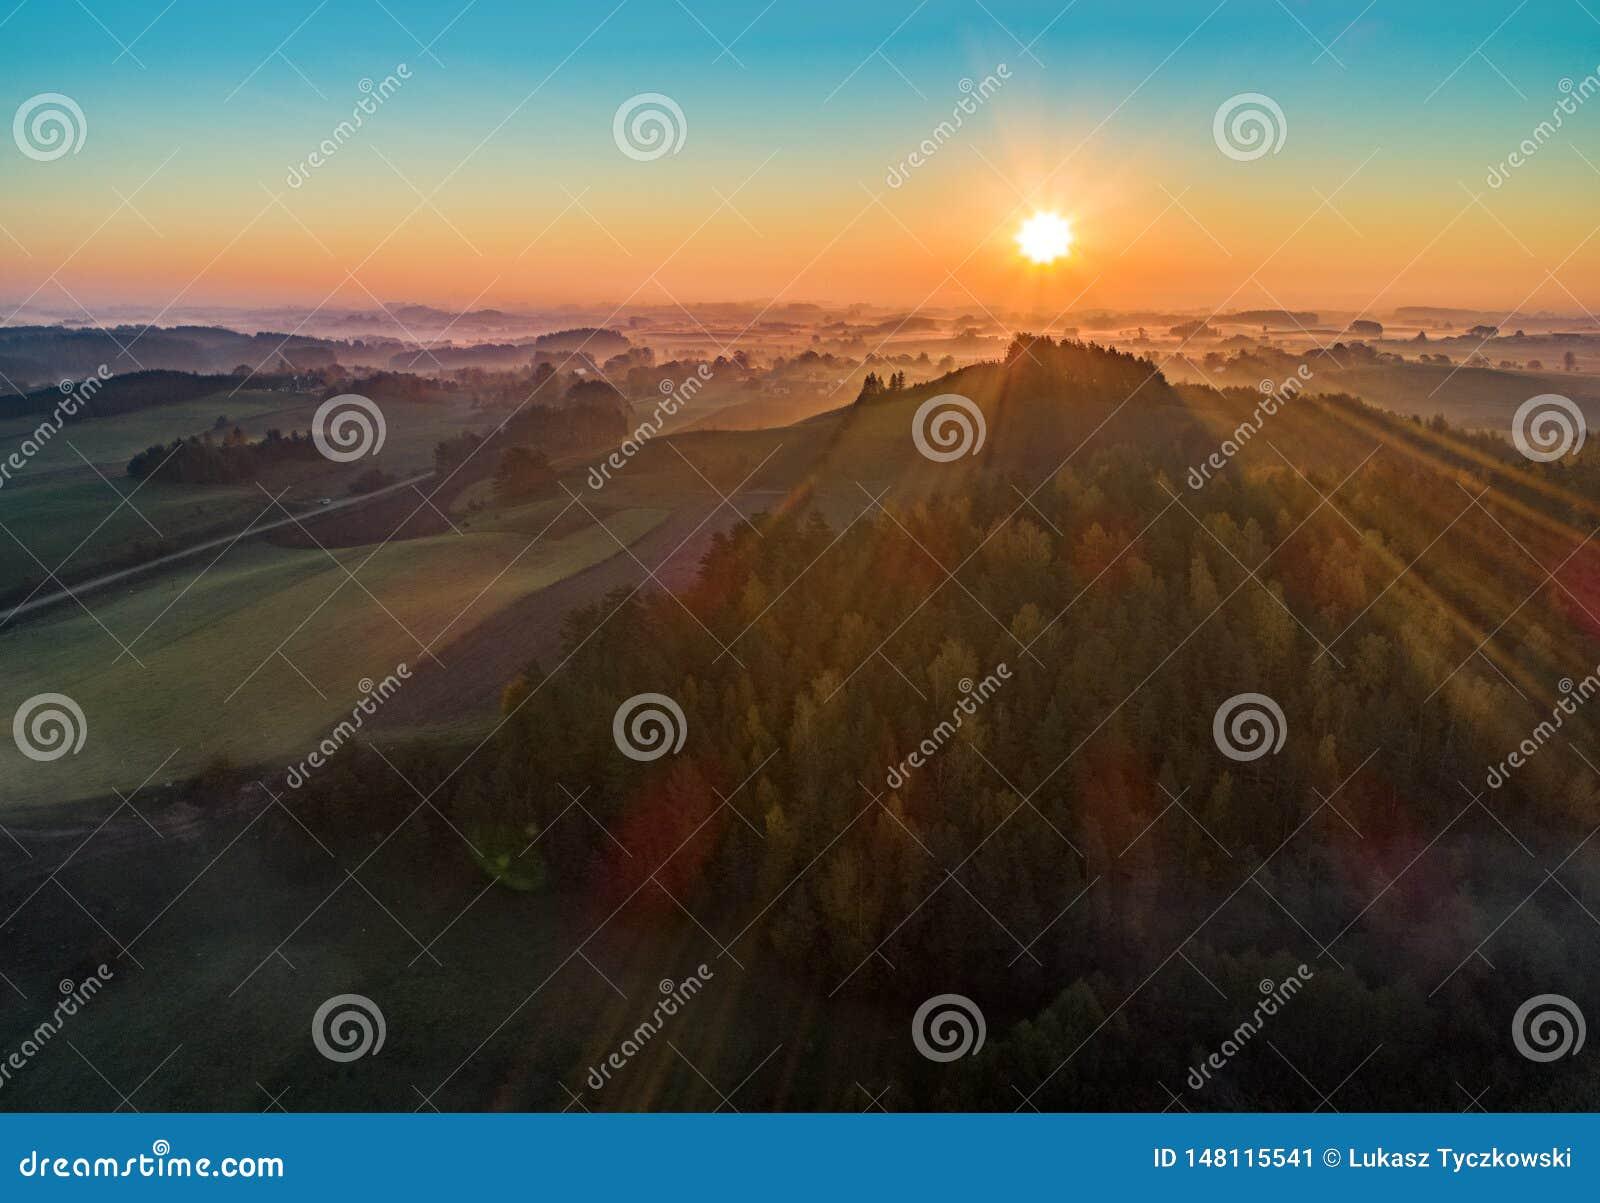 Zonsopgang over een berg en een bos - luchtfoto